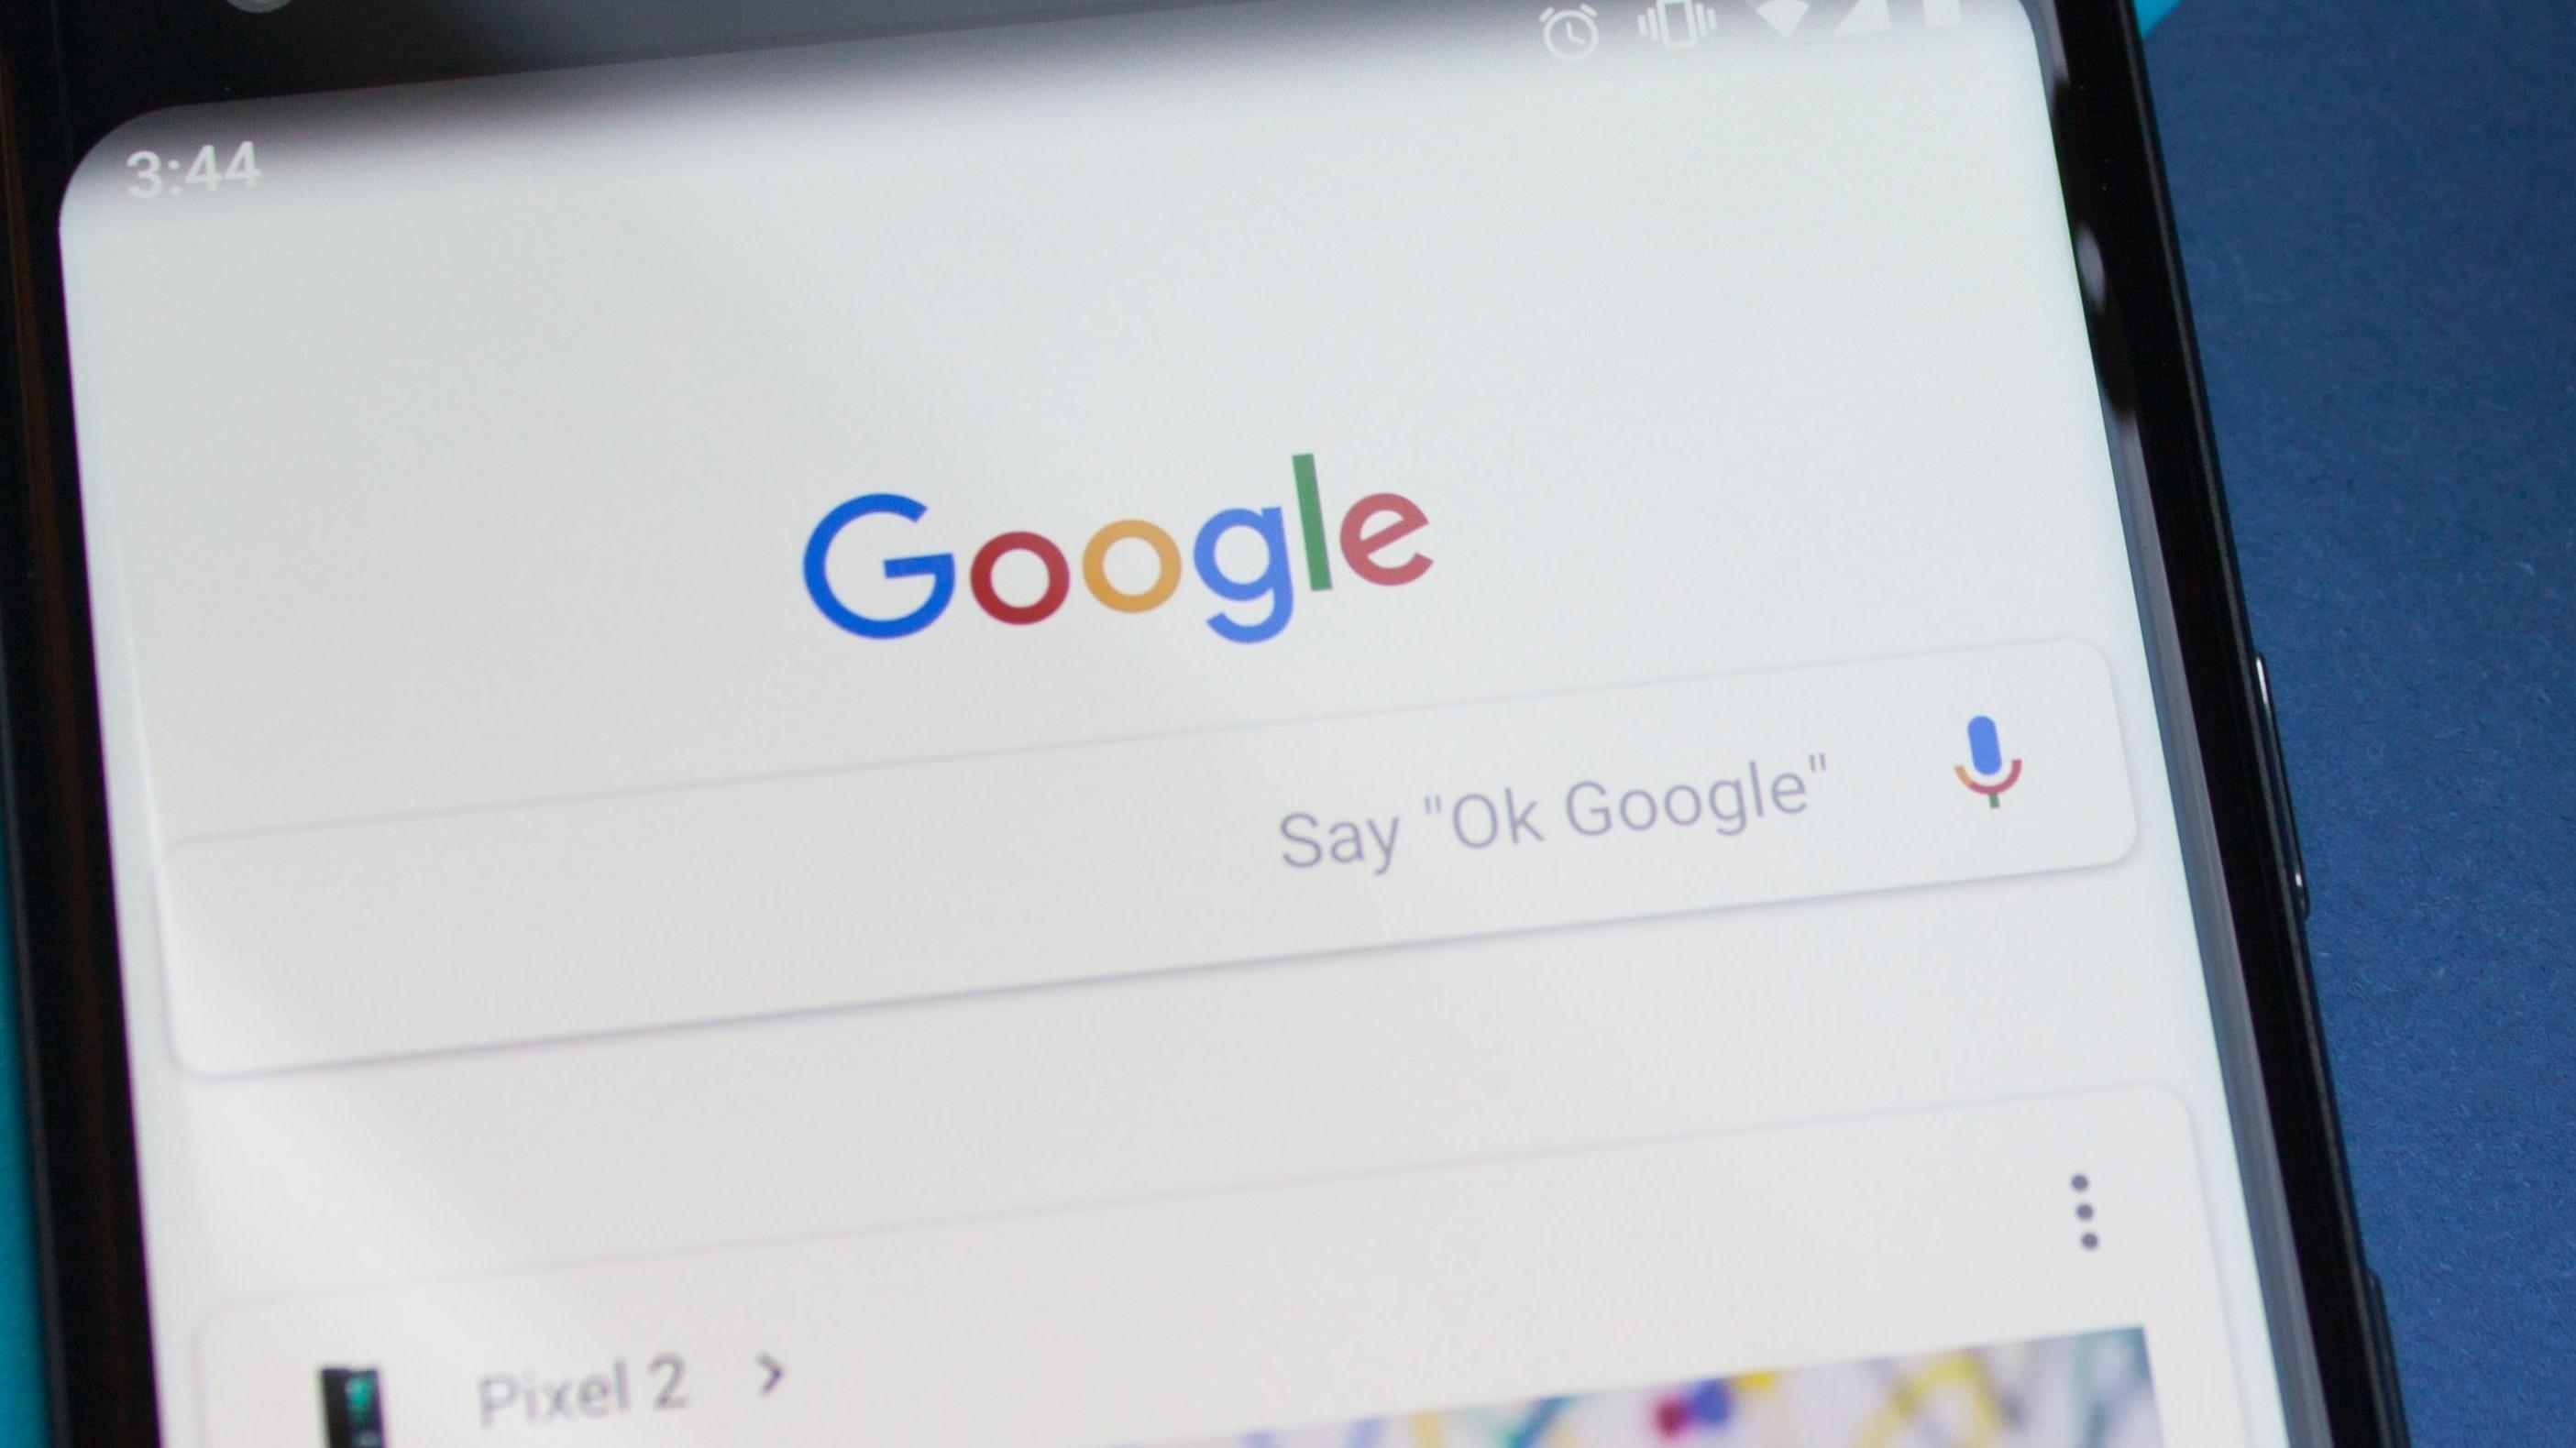 Google отвечает на часть вопросов, не загружая результаты поиска